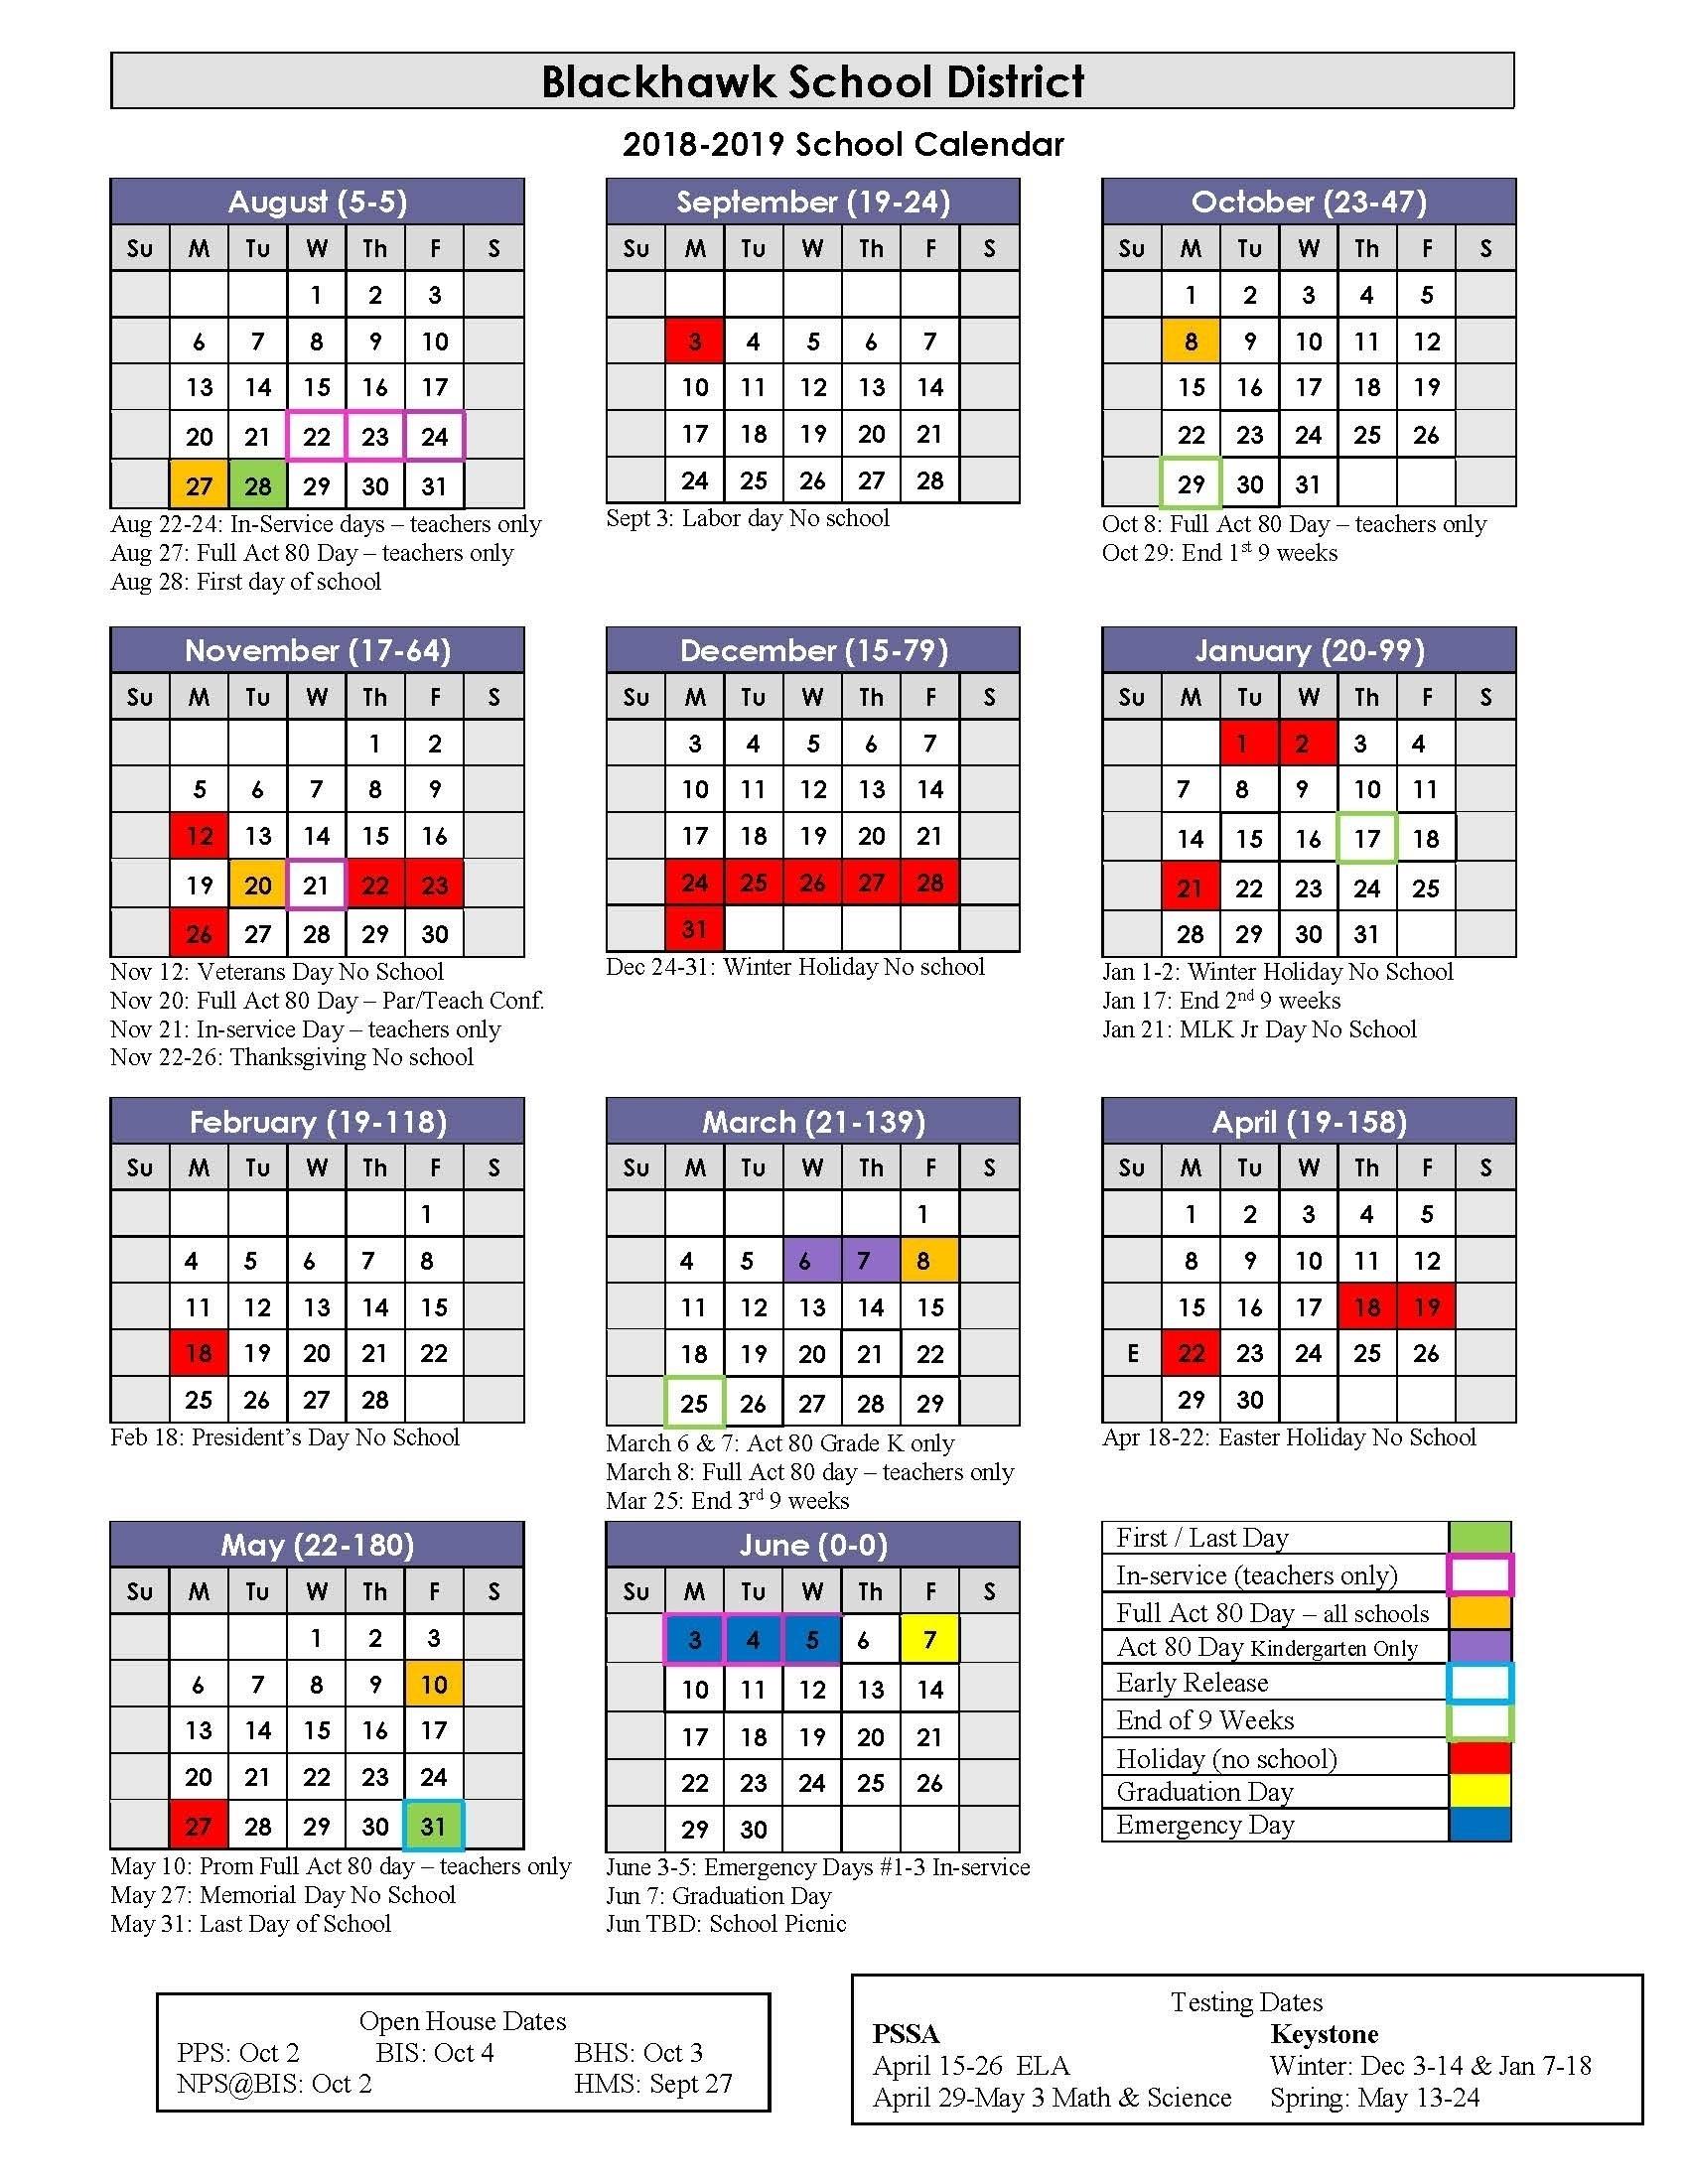 Perky School Calendar St Lucie County • Printable Blank Calendar_School Calendar Port St Lucie